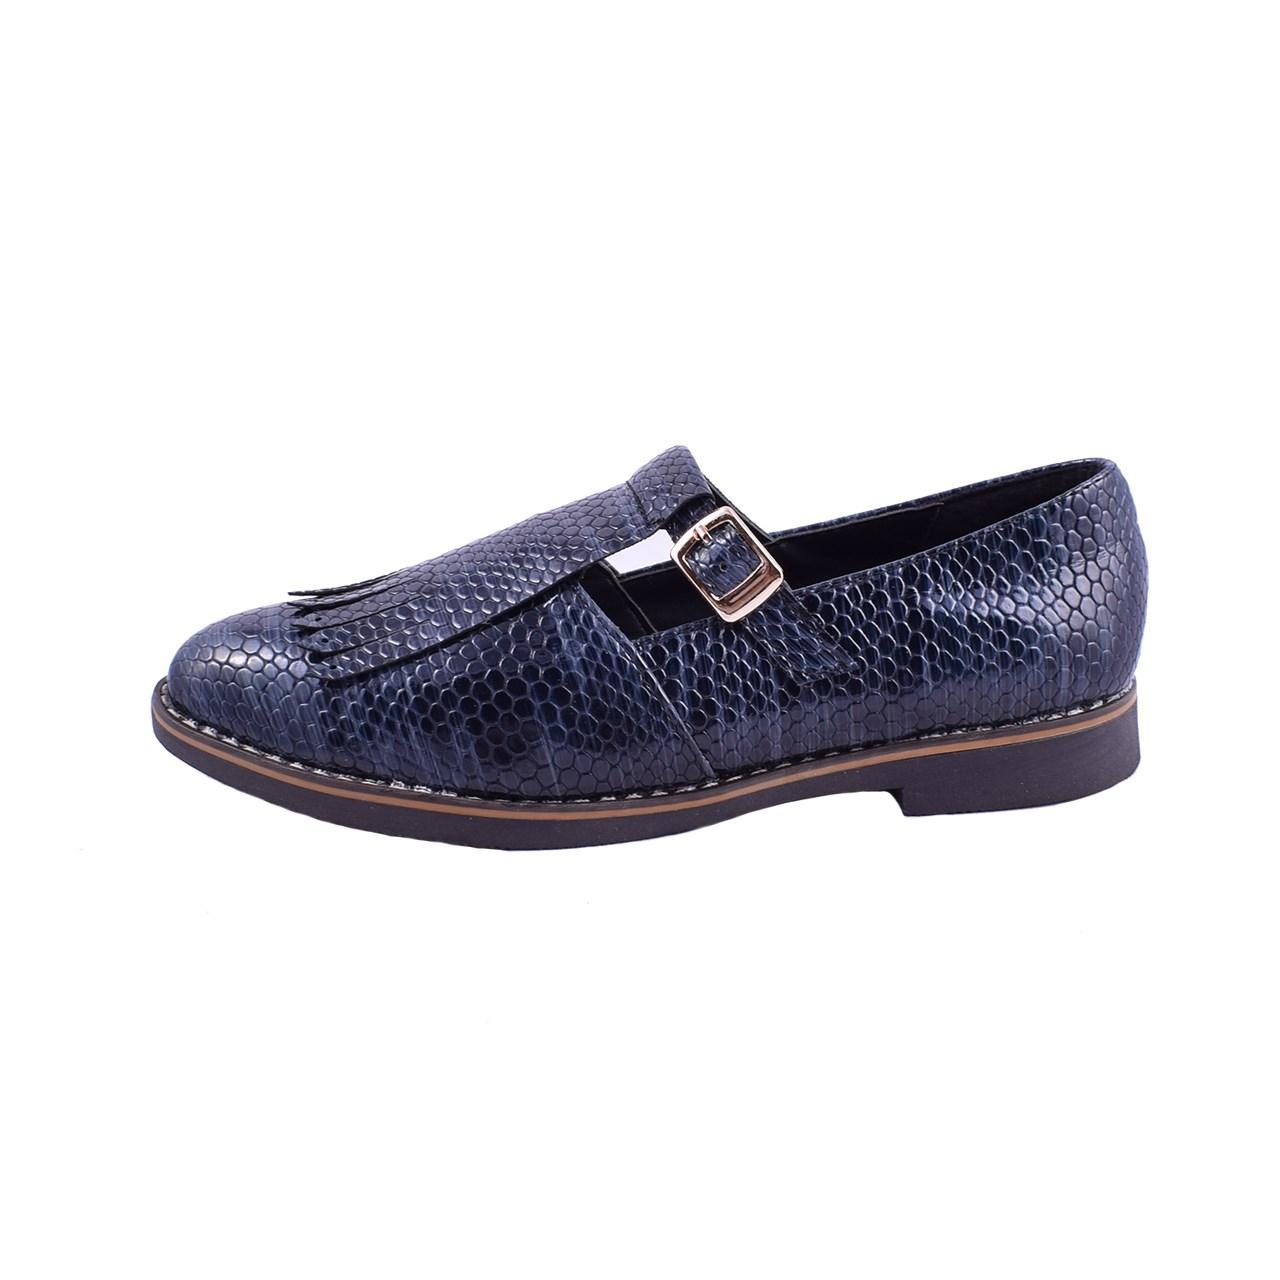 خرید کفش اسپرت زنانه مدل بهار کد4321